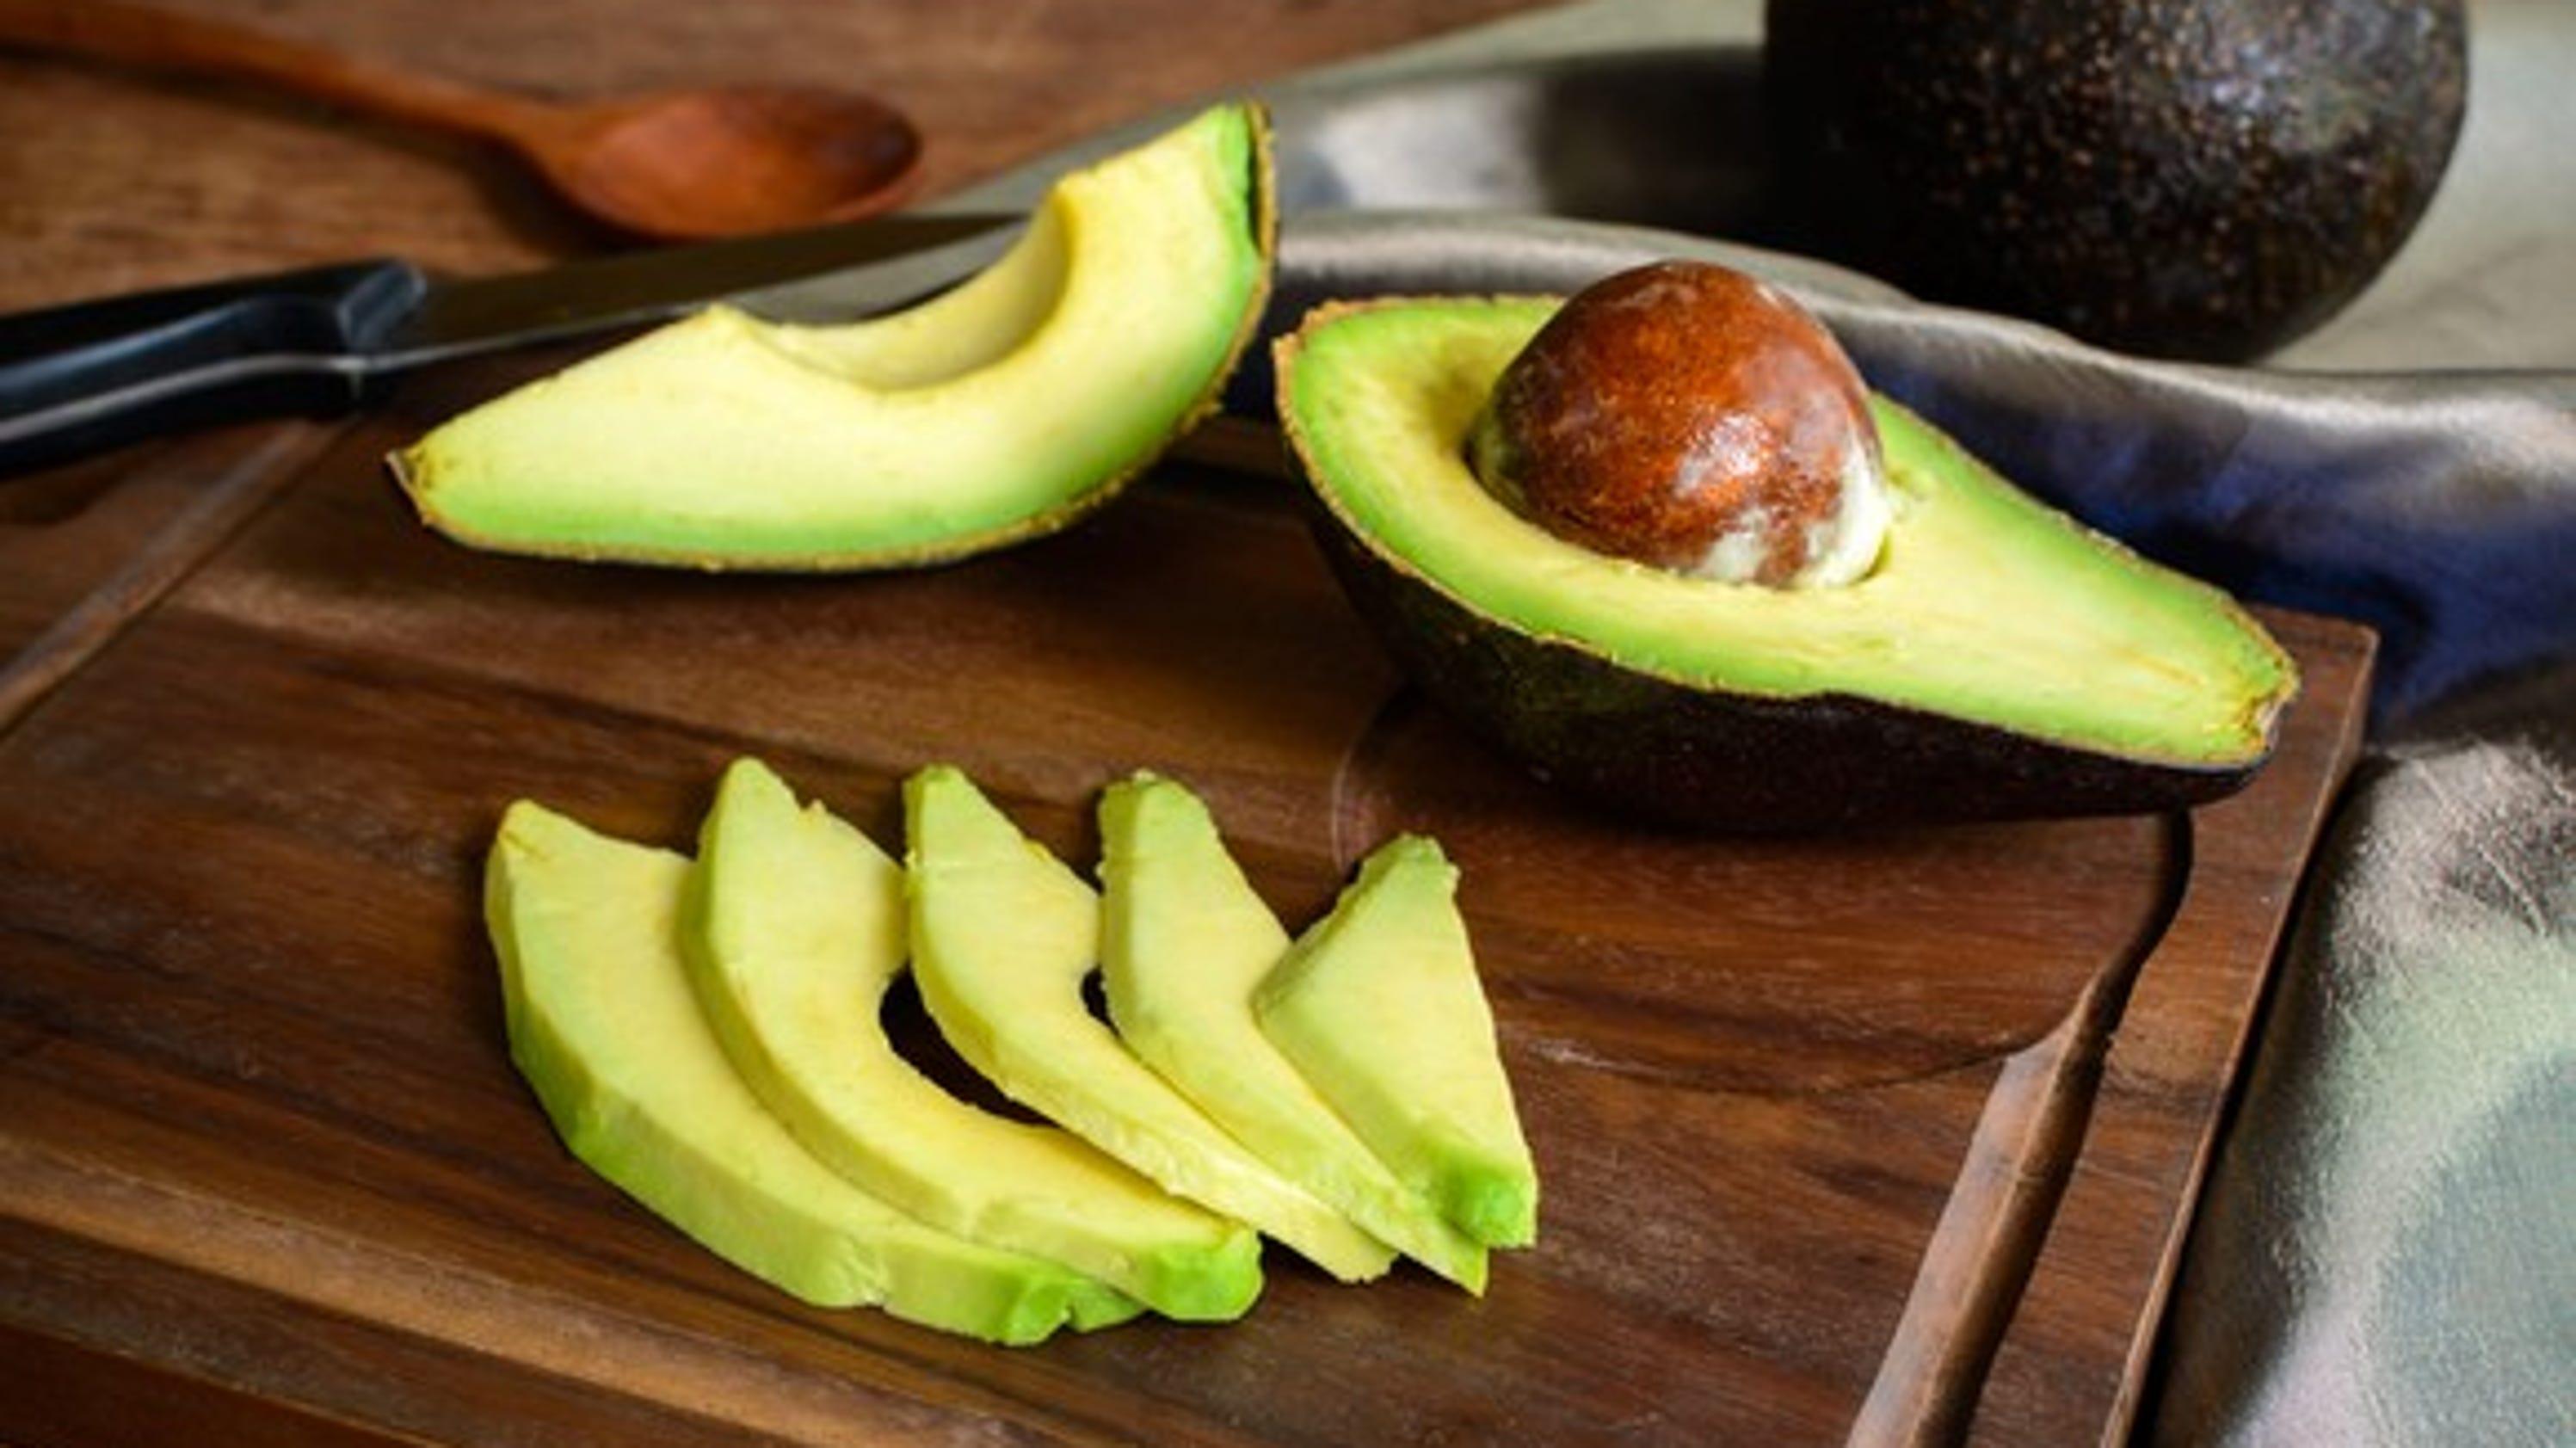 Avocado - Magazine cover